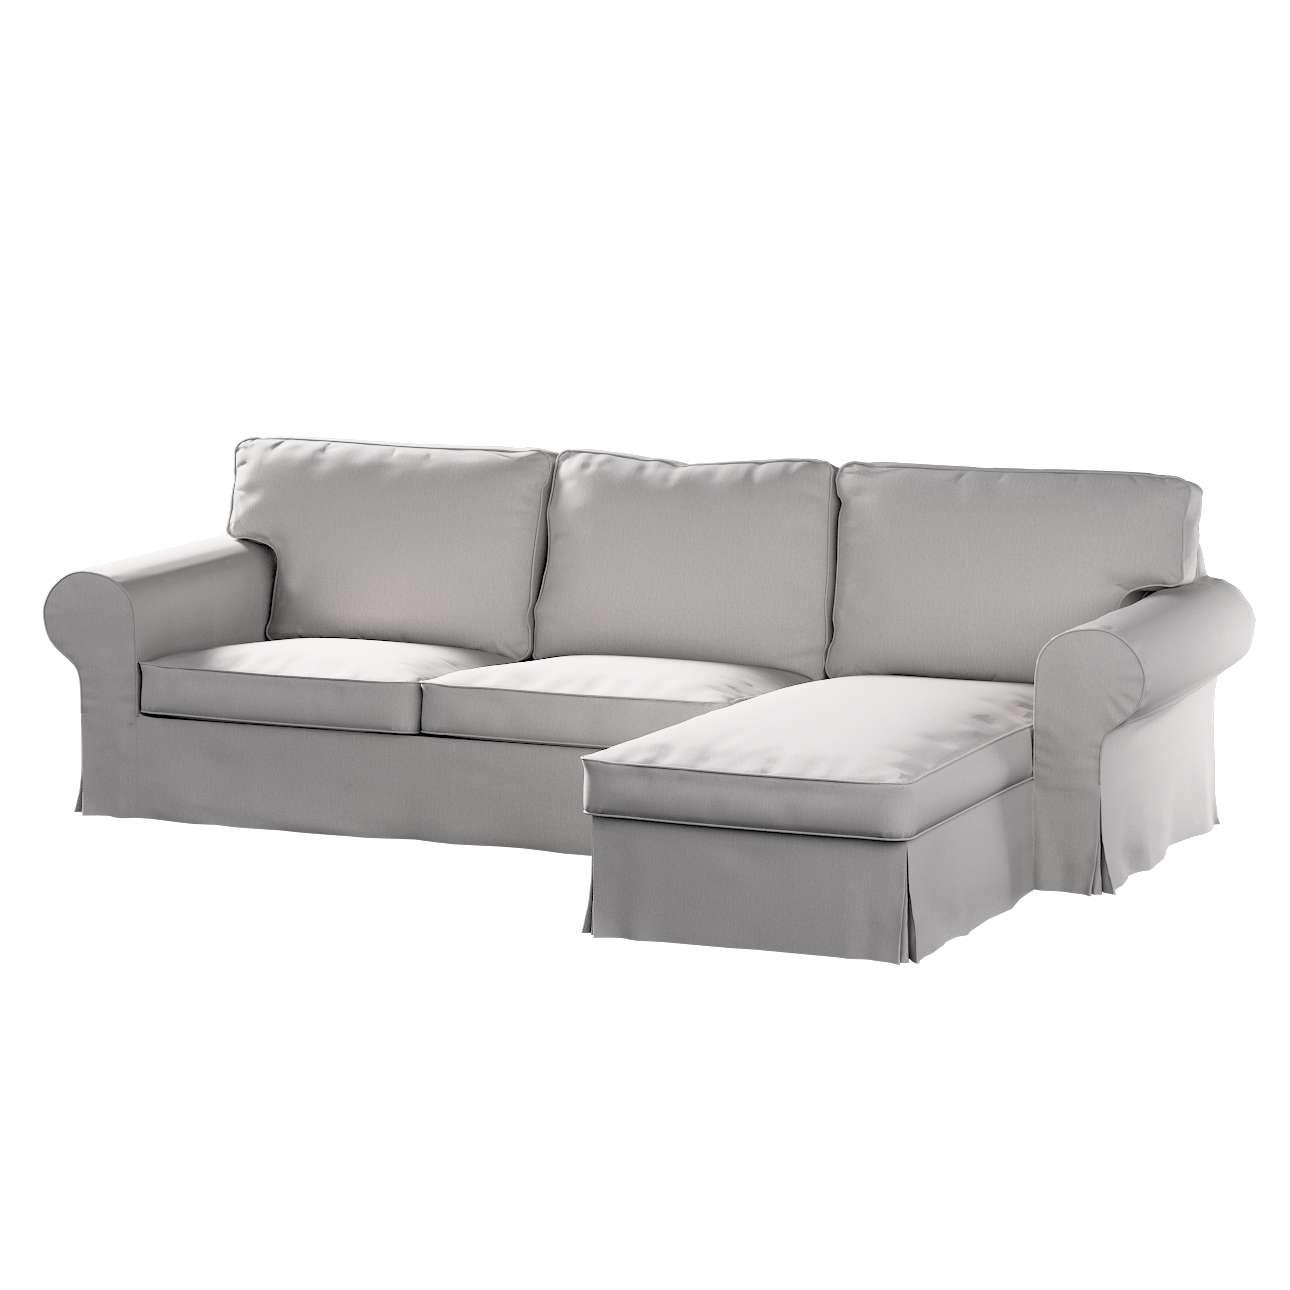 Ektorp dvivietės sofos su gulimuoju krėslu užvalkalas Ikea Ektorp dvivietės sofos su gulimuoju krėslu užvalkalas kolekcijoje Chenille, audinys: 702-23